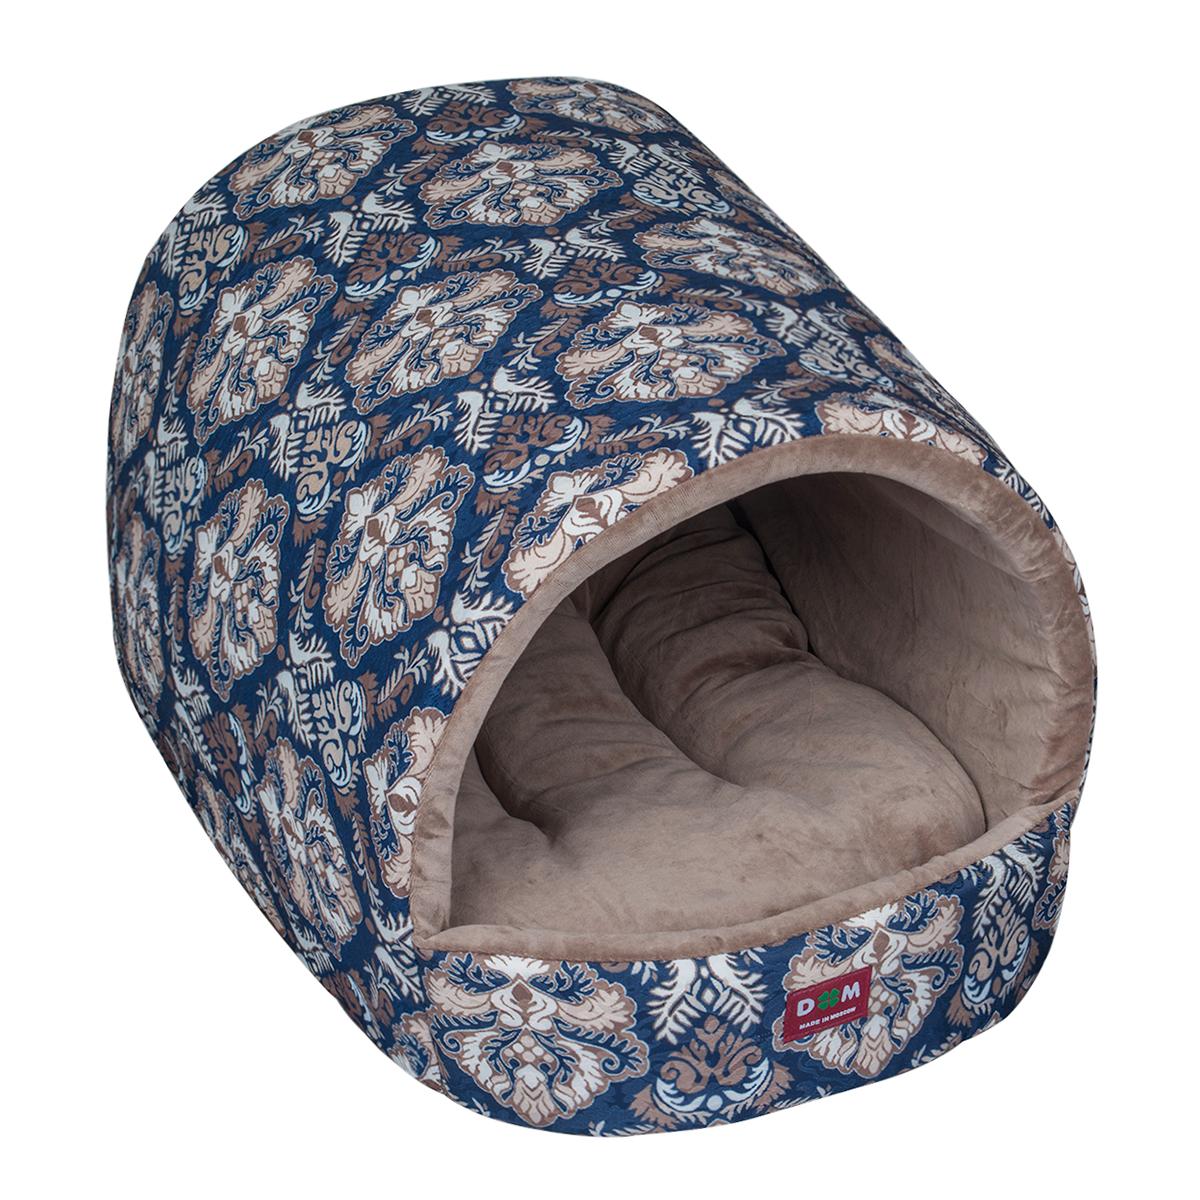 Домик для животных Dogmoda Туннель, 50 х 41 х 33 смDM-160285Домик Dogmoda Туннель непременно станет любимым местом отдыха вашего домашнего животного. Изделие выполнено из высококачественного хлопка, нетканого материала, а наполнитель - из холлофайбера и поролона. Такой материал не теряет своей формы долгое время. Внутри имеется мягкая съемная подстилка. В таком домике ваша собачка будет проводить свое свободное время, грызть вкусные косточки и лакомства, играть в любимые игрушки и просто отдыхать, наслаждаясь удобством.